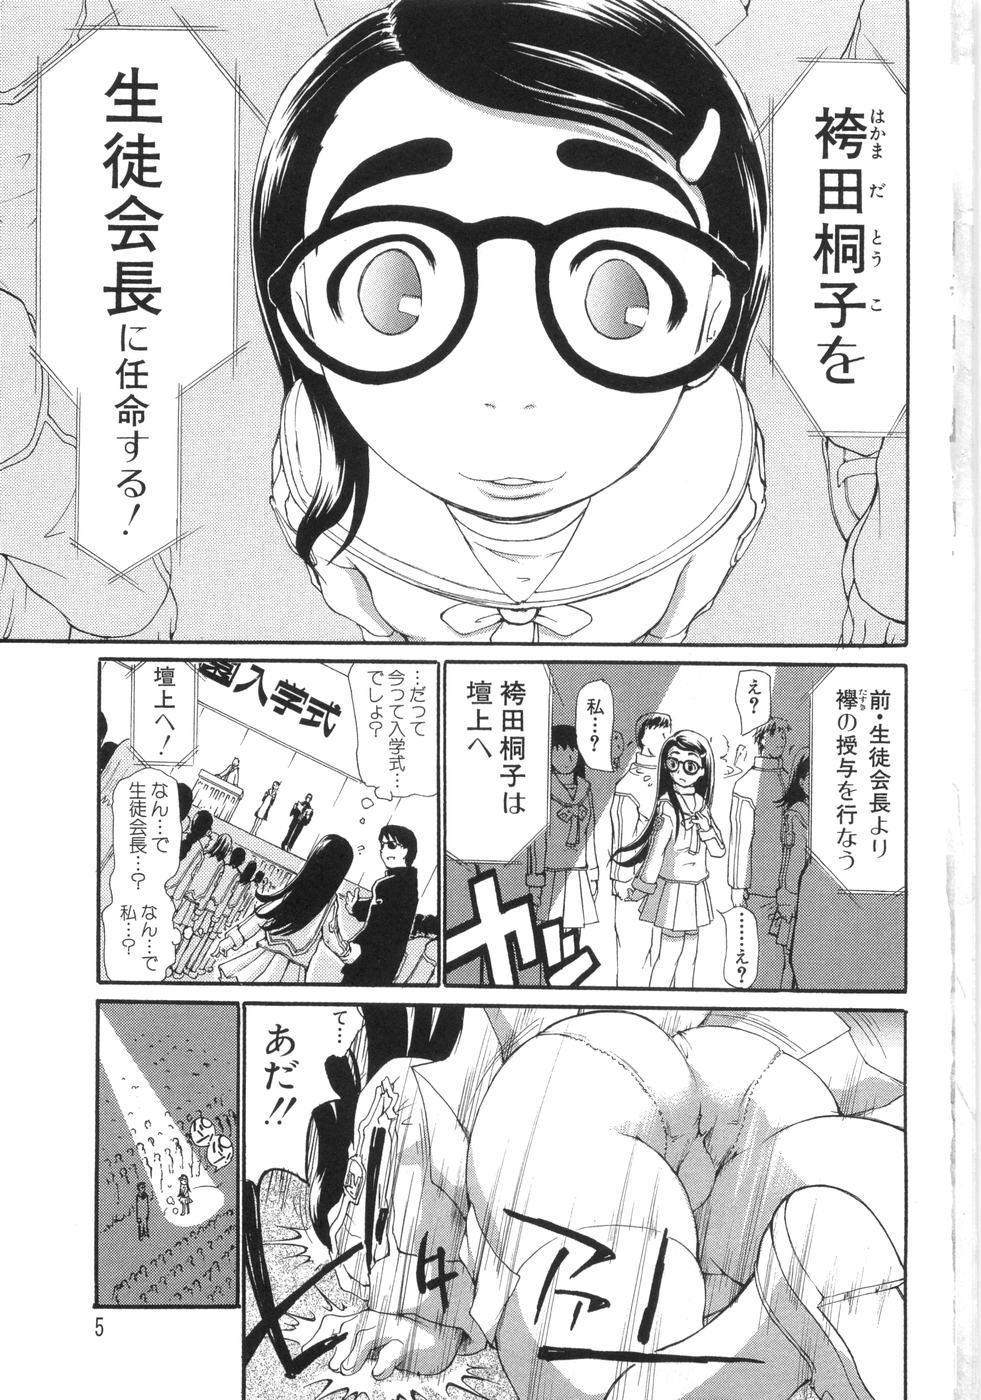 0 PULL TOWN Gakuen e Youkoso! 9